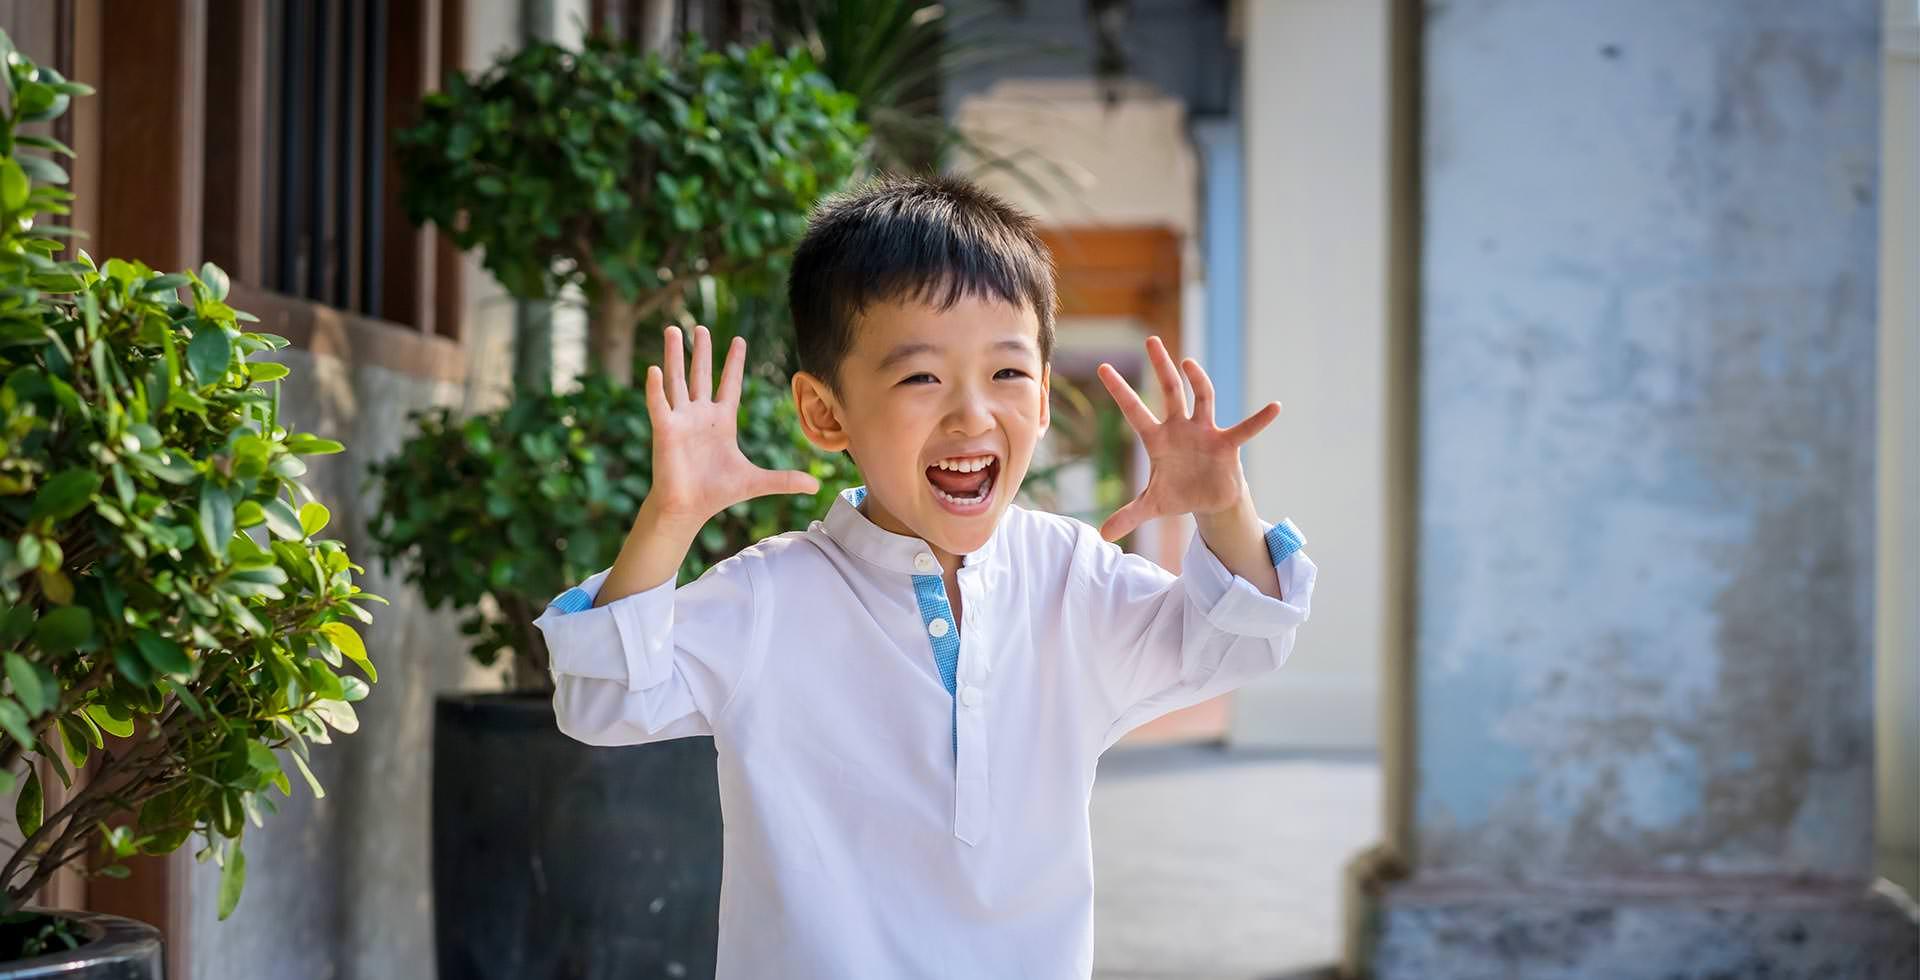 Children Photo Studio